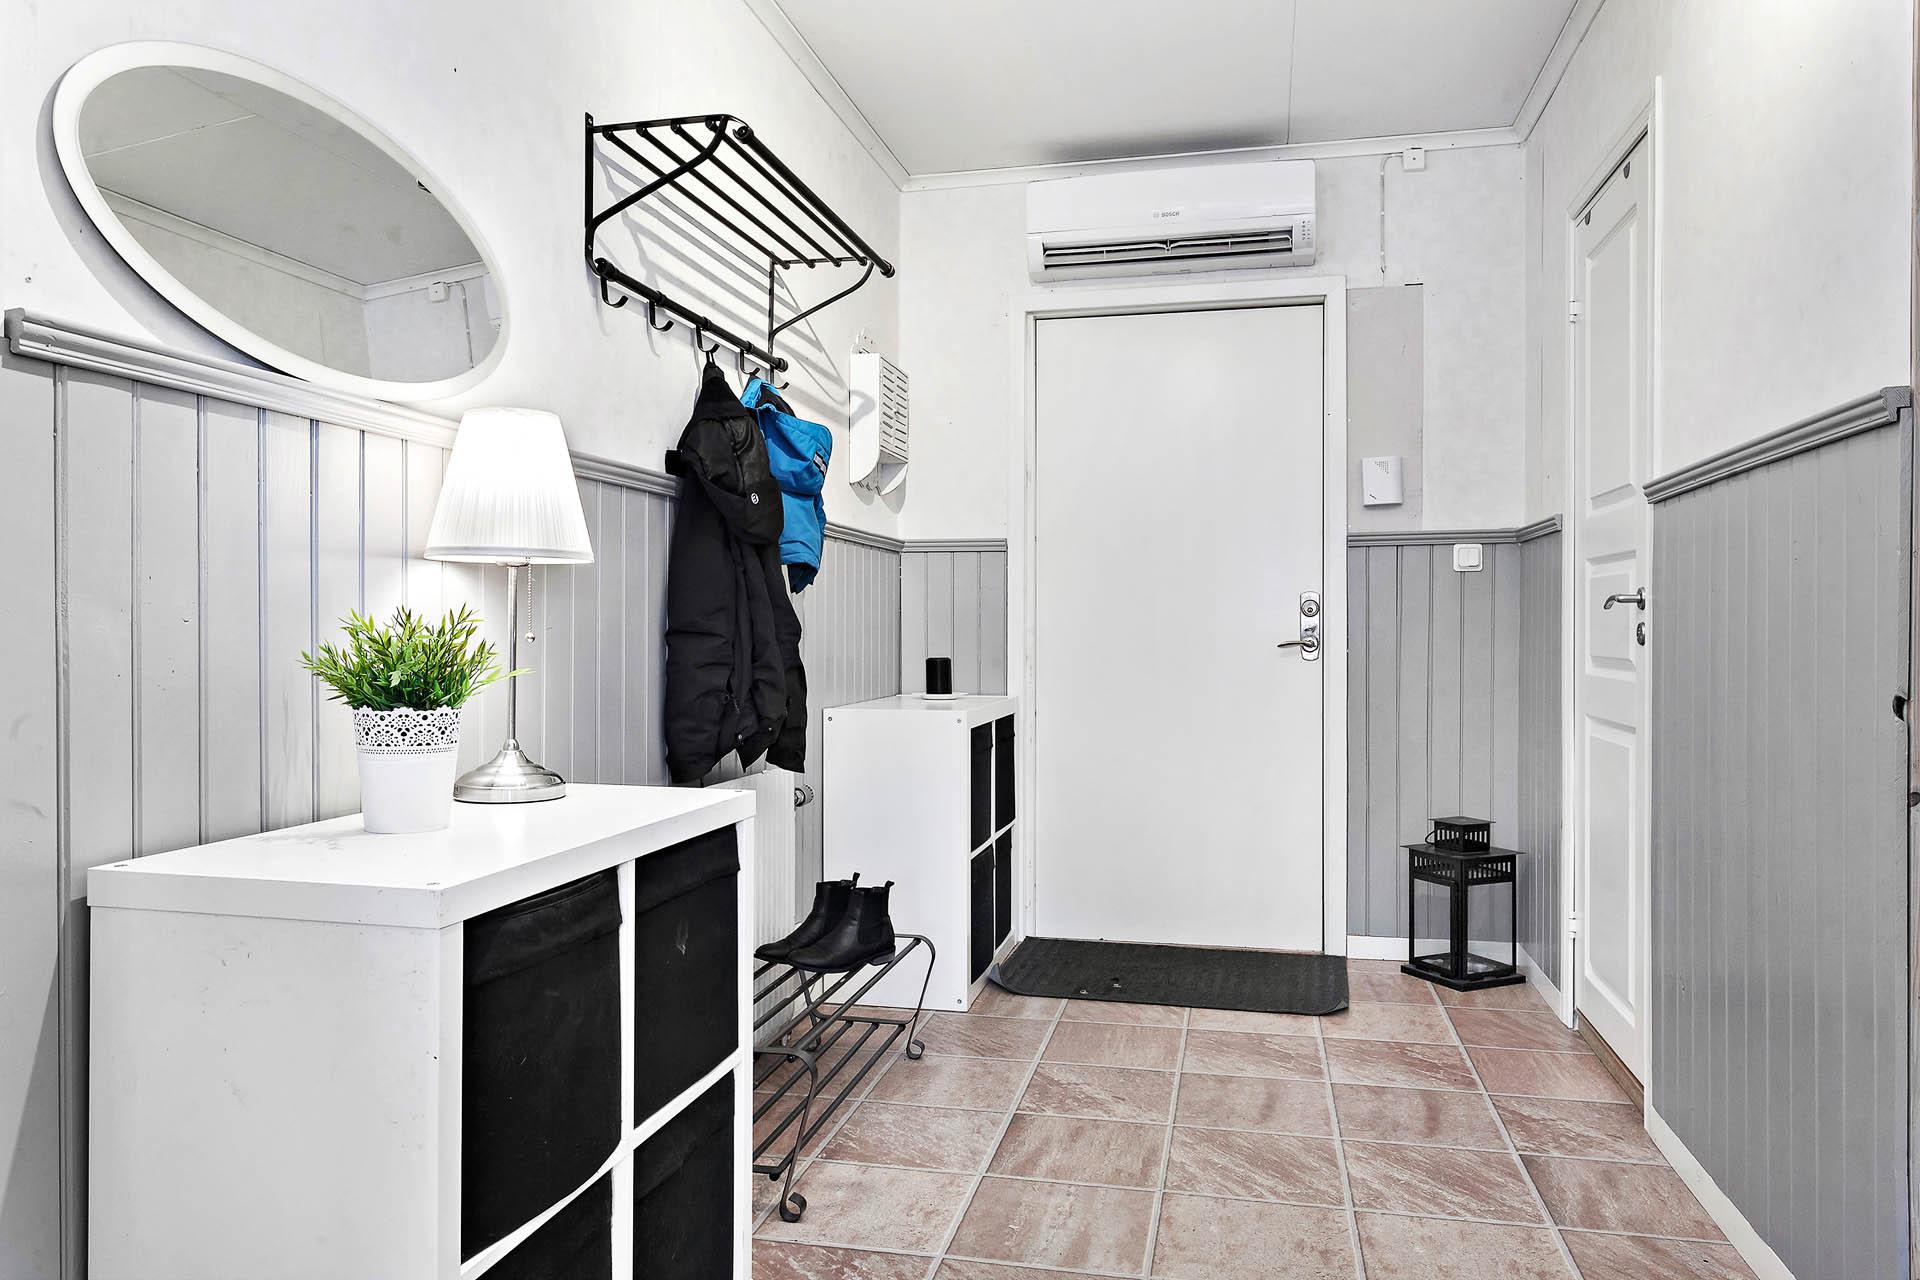 Hall mot ytterdörren, till höger ligger duschrummet